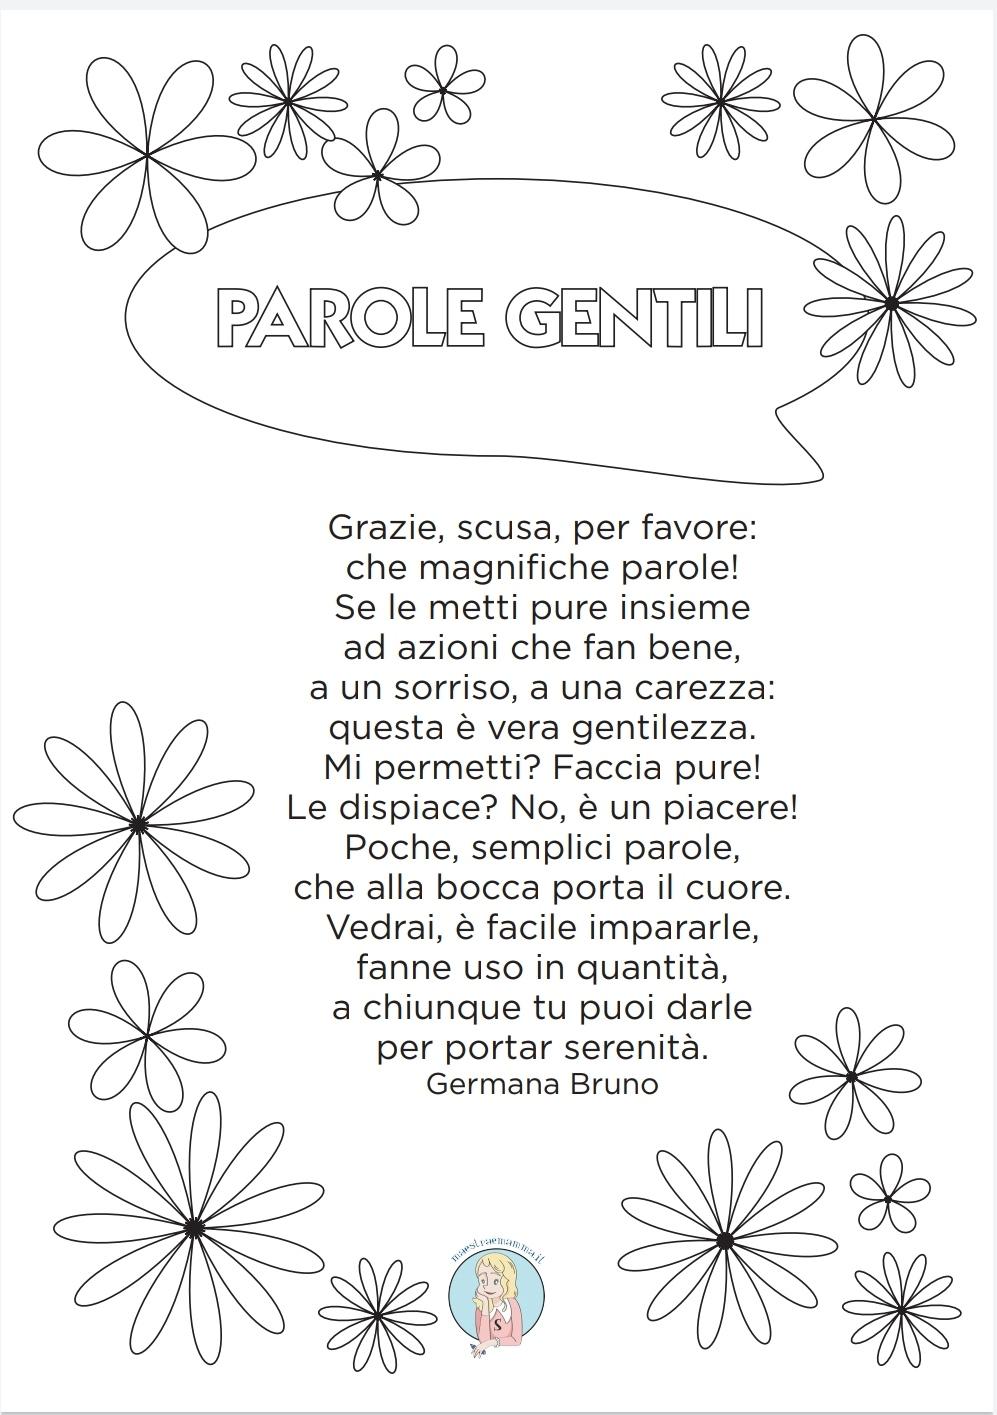 Le parole gentili - poesia gentilezza di Elio Gentile - per la giornata della gentilezza ma utile da proporre anche durante le lezioni di educazione civica